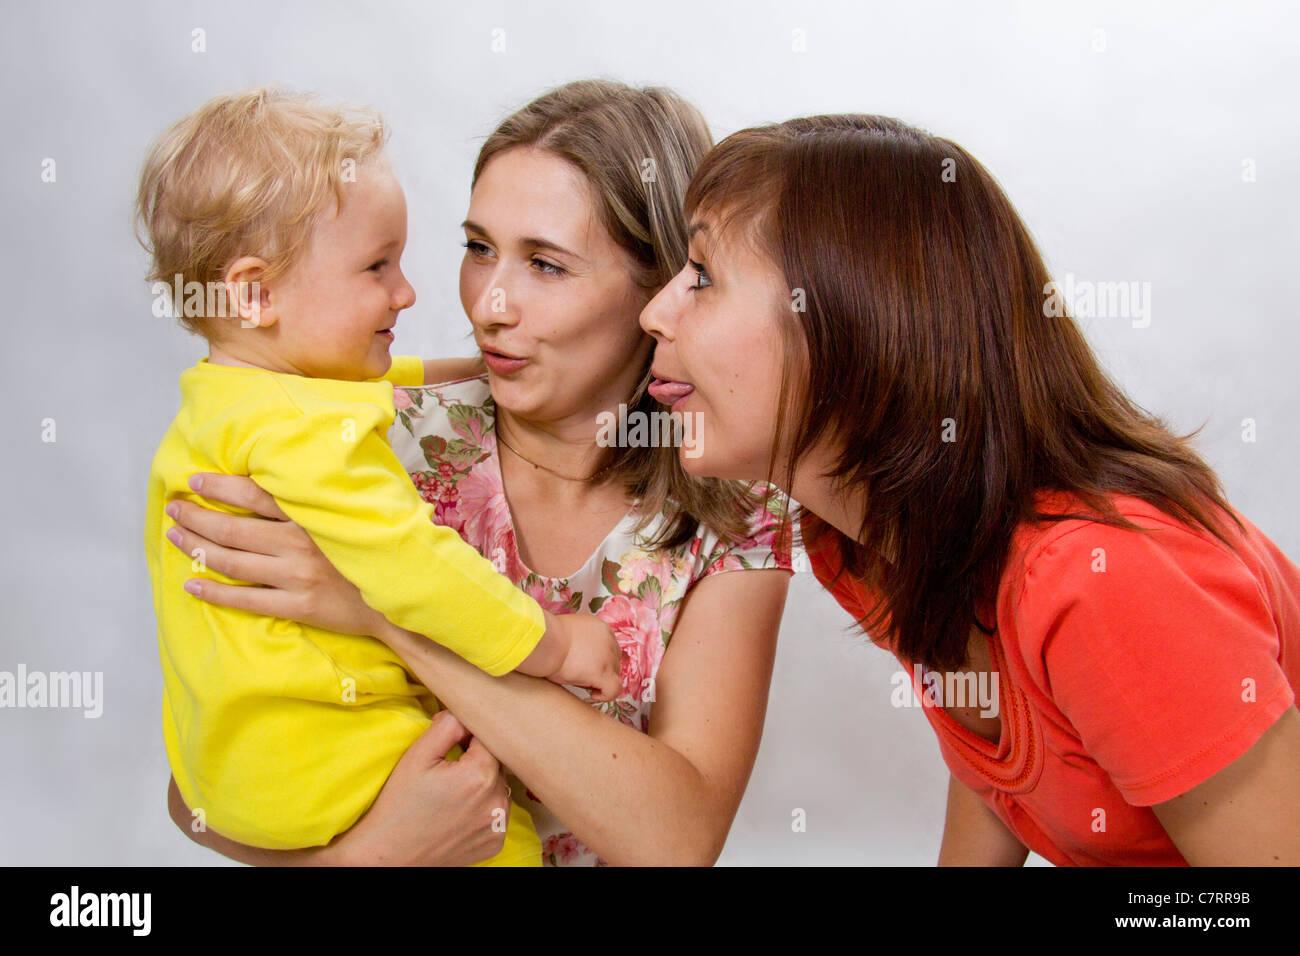 Фото друг ебет маму и тетю, Сын трахает маму друга в его доме Похожие фото 15 фотография